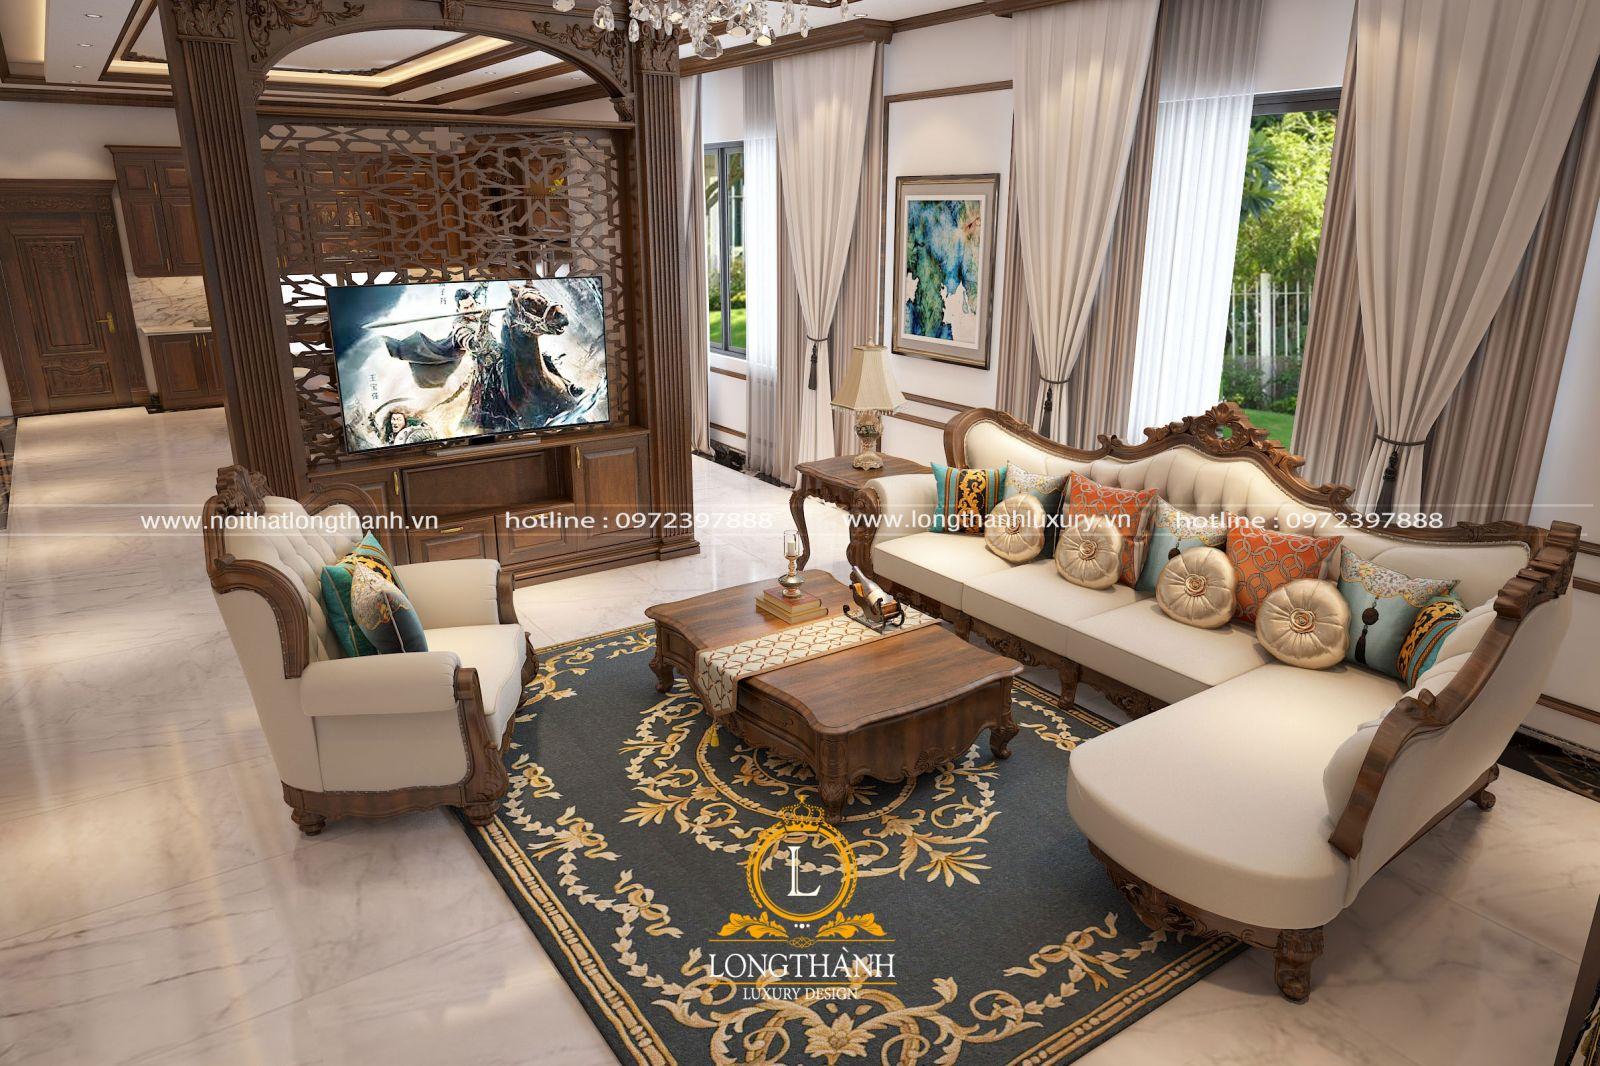 Mẫu sofa góc được làm từ gỗ bọc da cao cấp ở bên ngoài